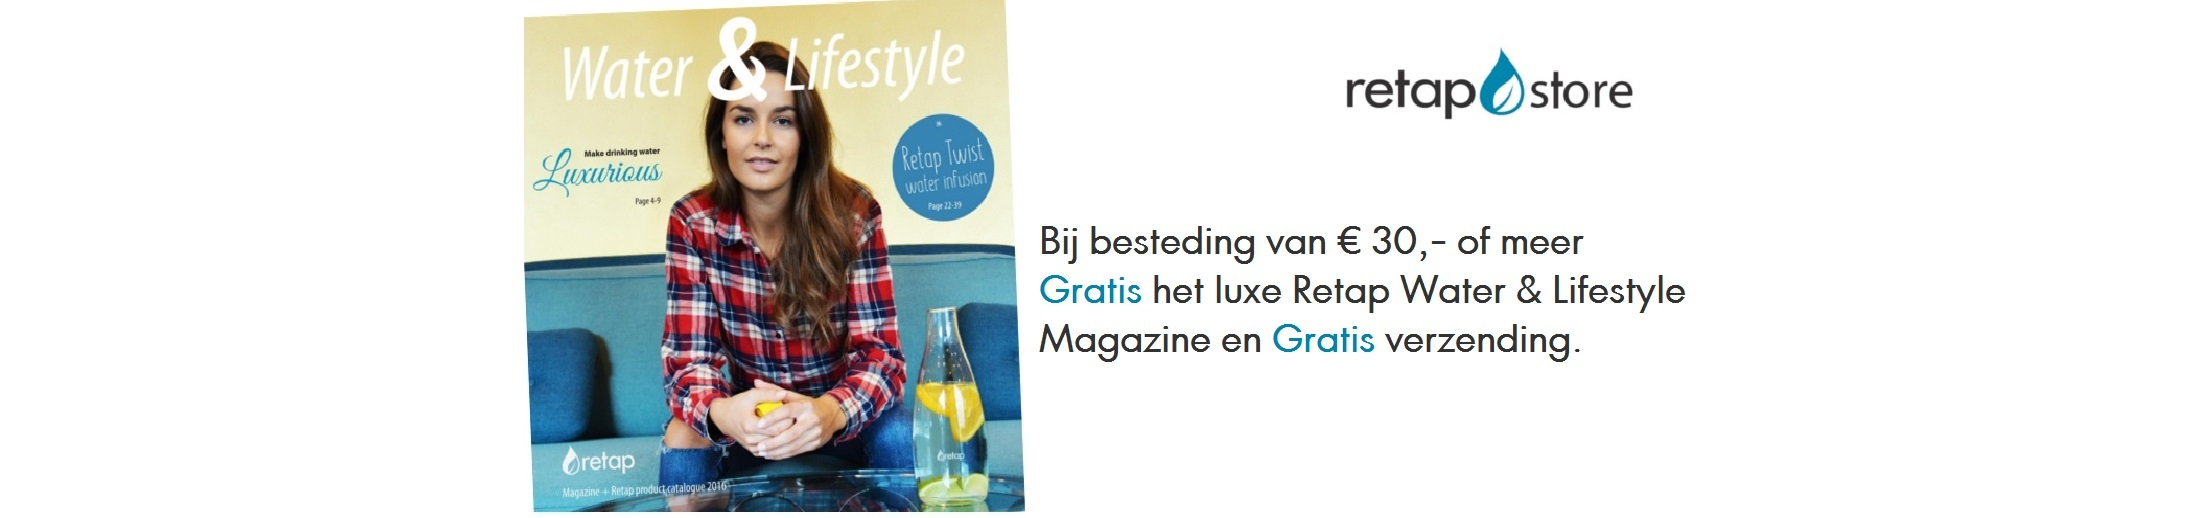 Luxe Retap Water & Lifestyle Magazine